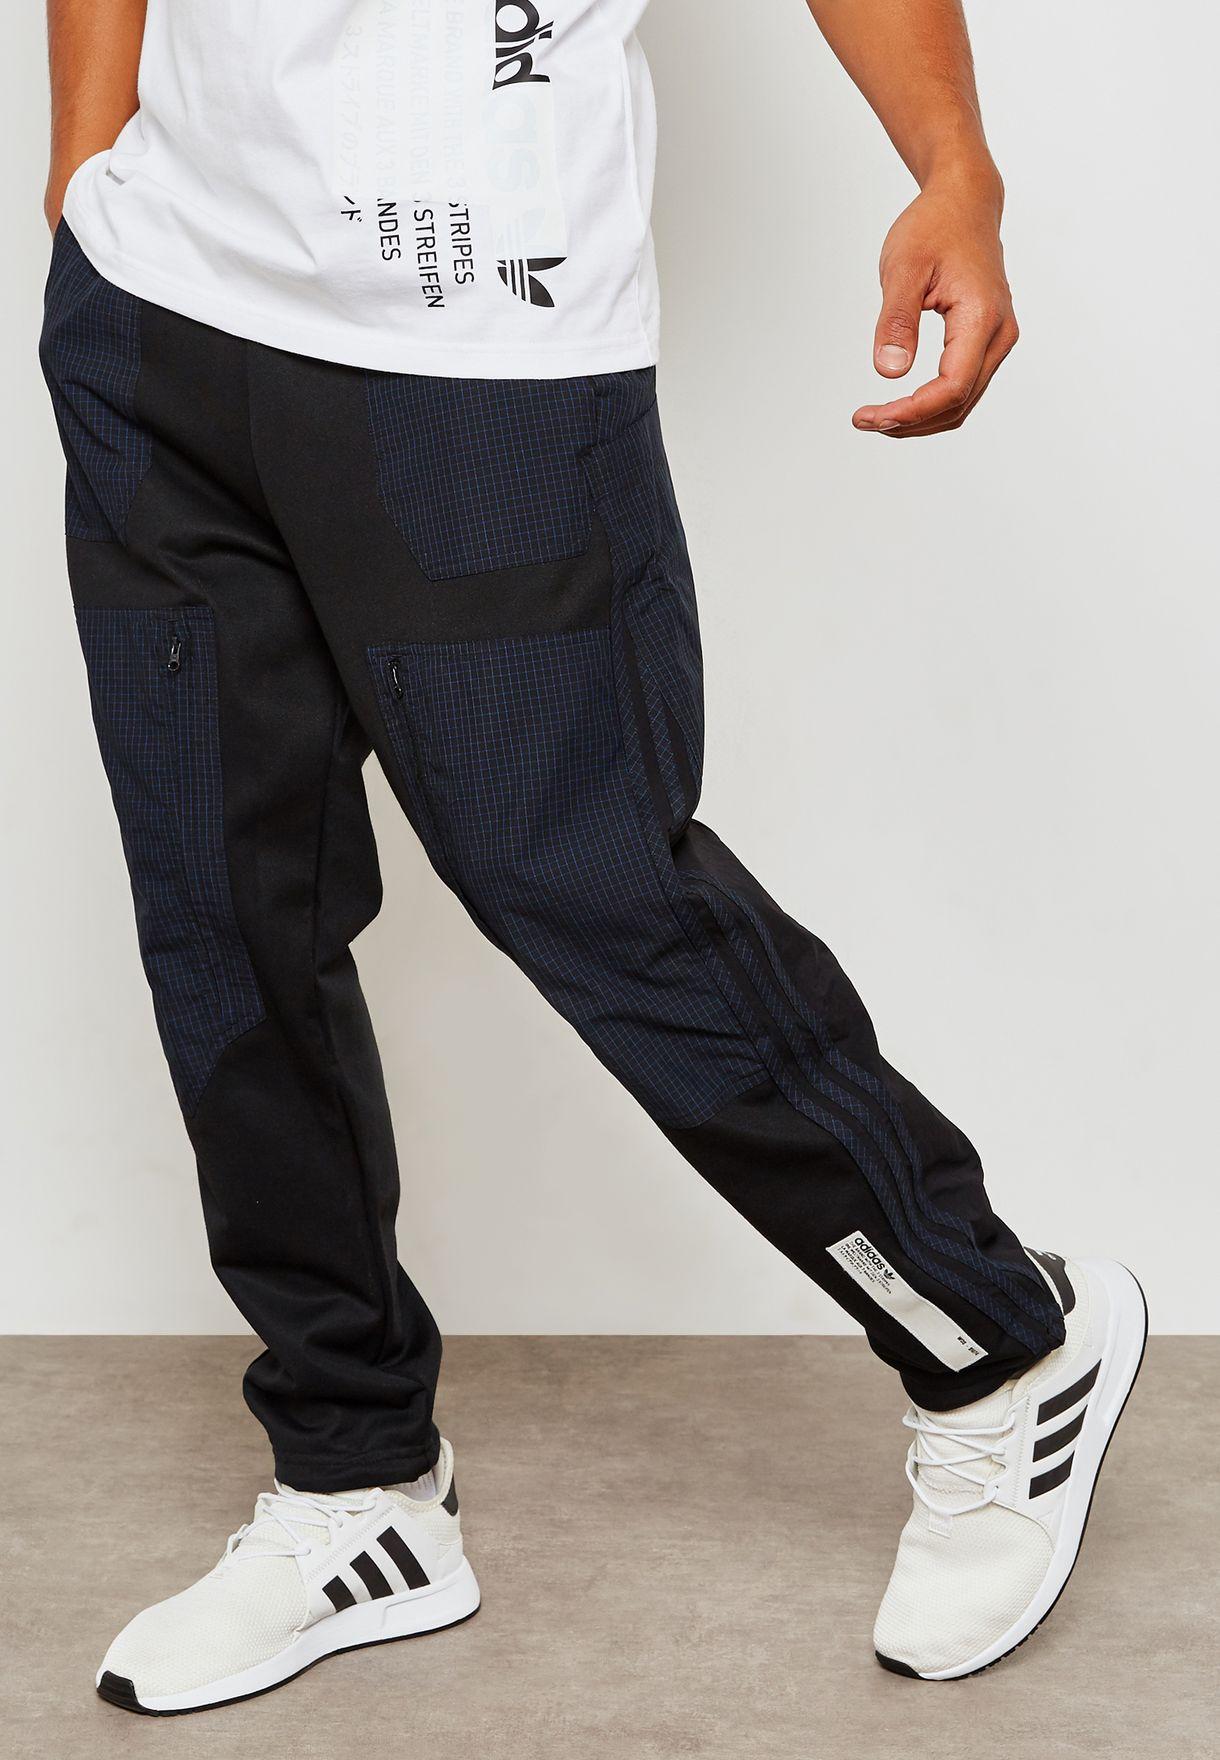 87d57bd7880cb Shop adidas Originals black NMD Sweatpants DH2269 for Men in Saudi ...